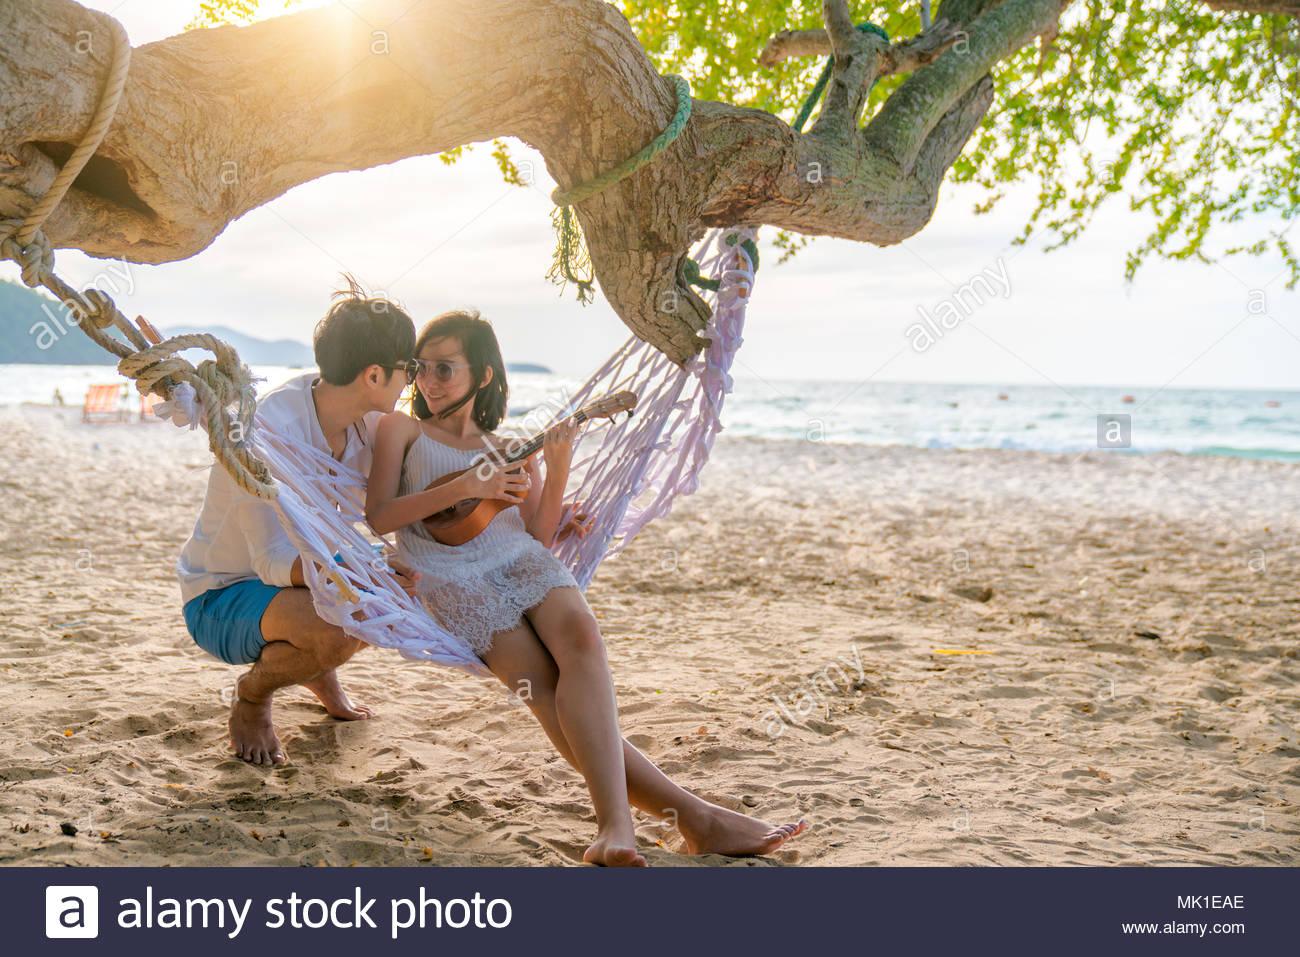 Coppia romantica è seduto e baciare sulla spiaggia del mare su swing corda . Vacanza in famiglia sulla luna di miele. Amore e rapporti Immagini Stock